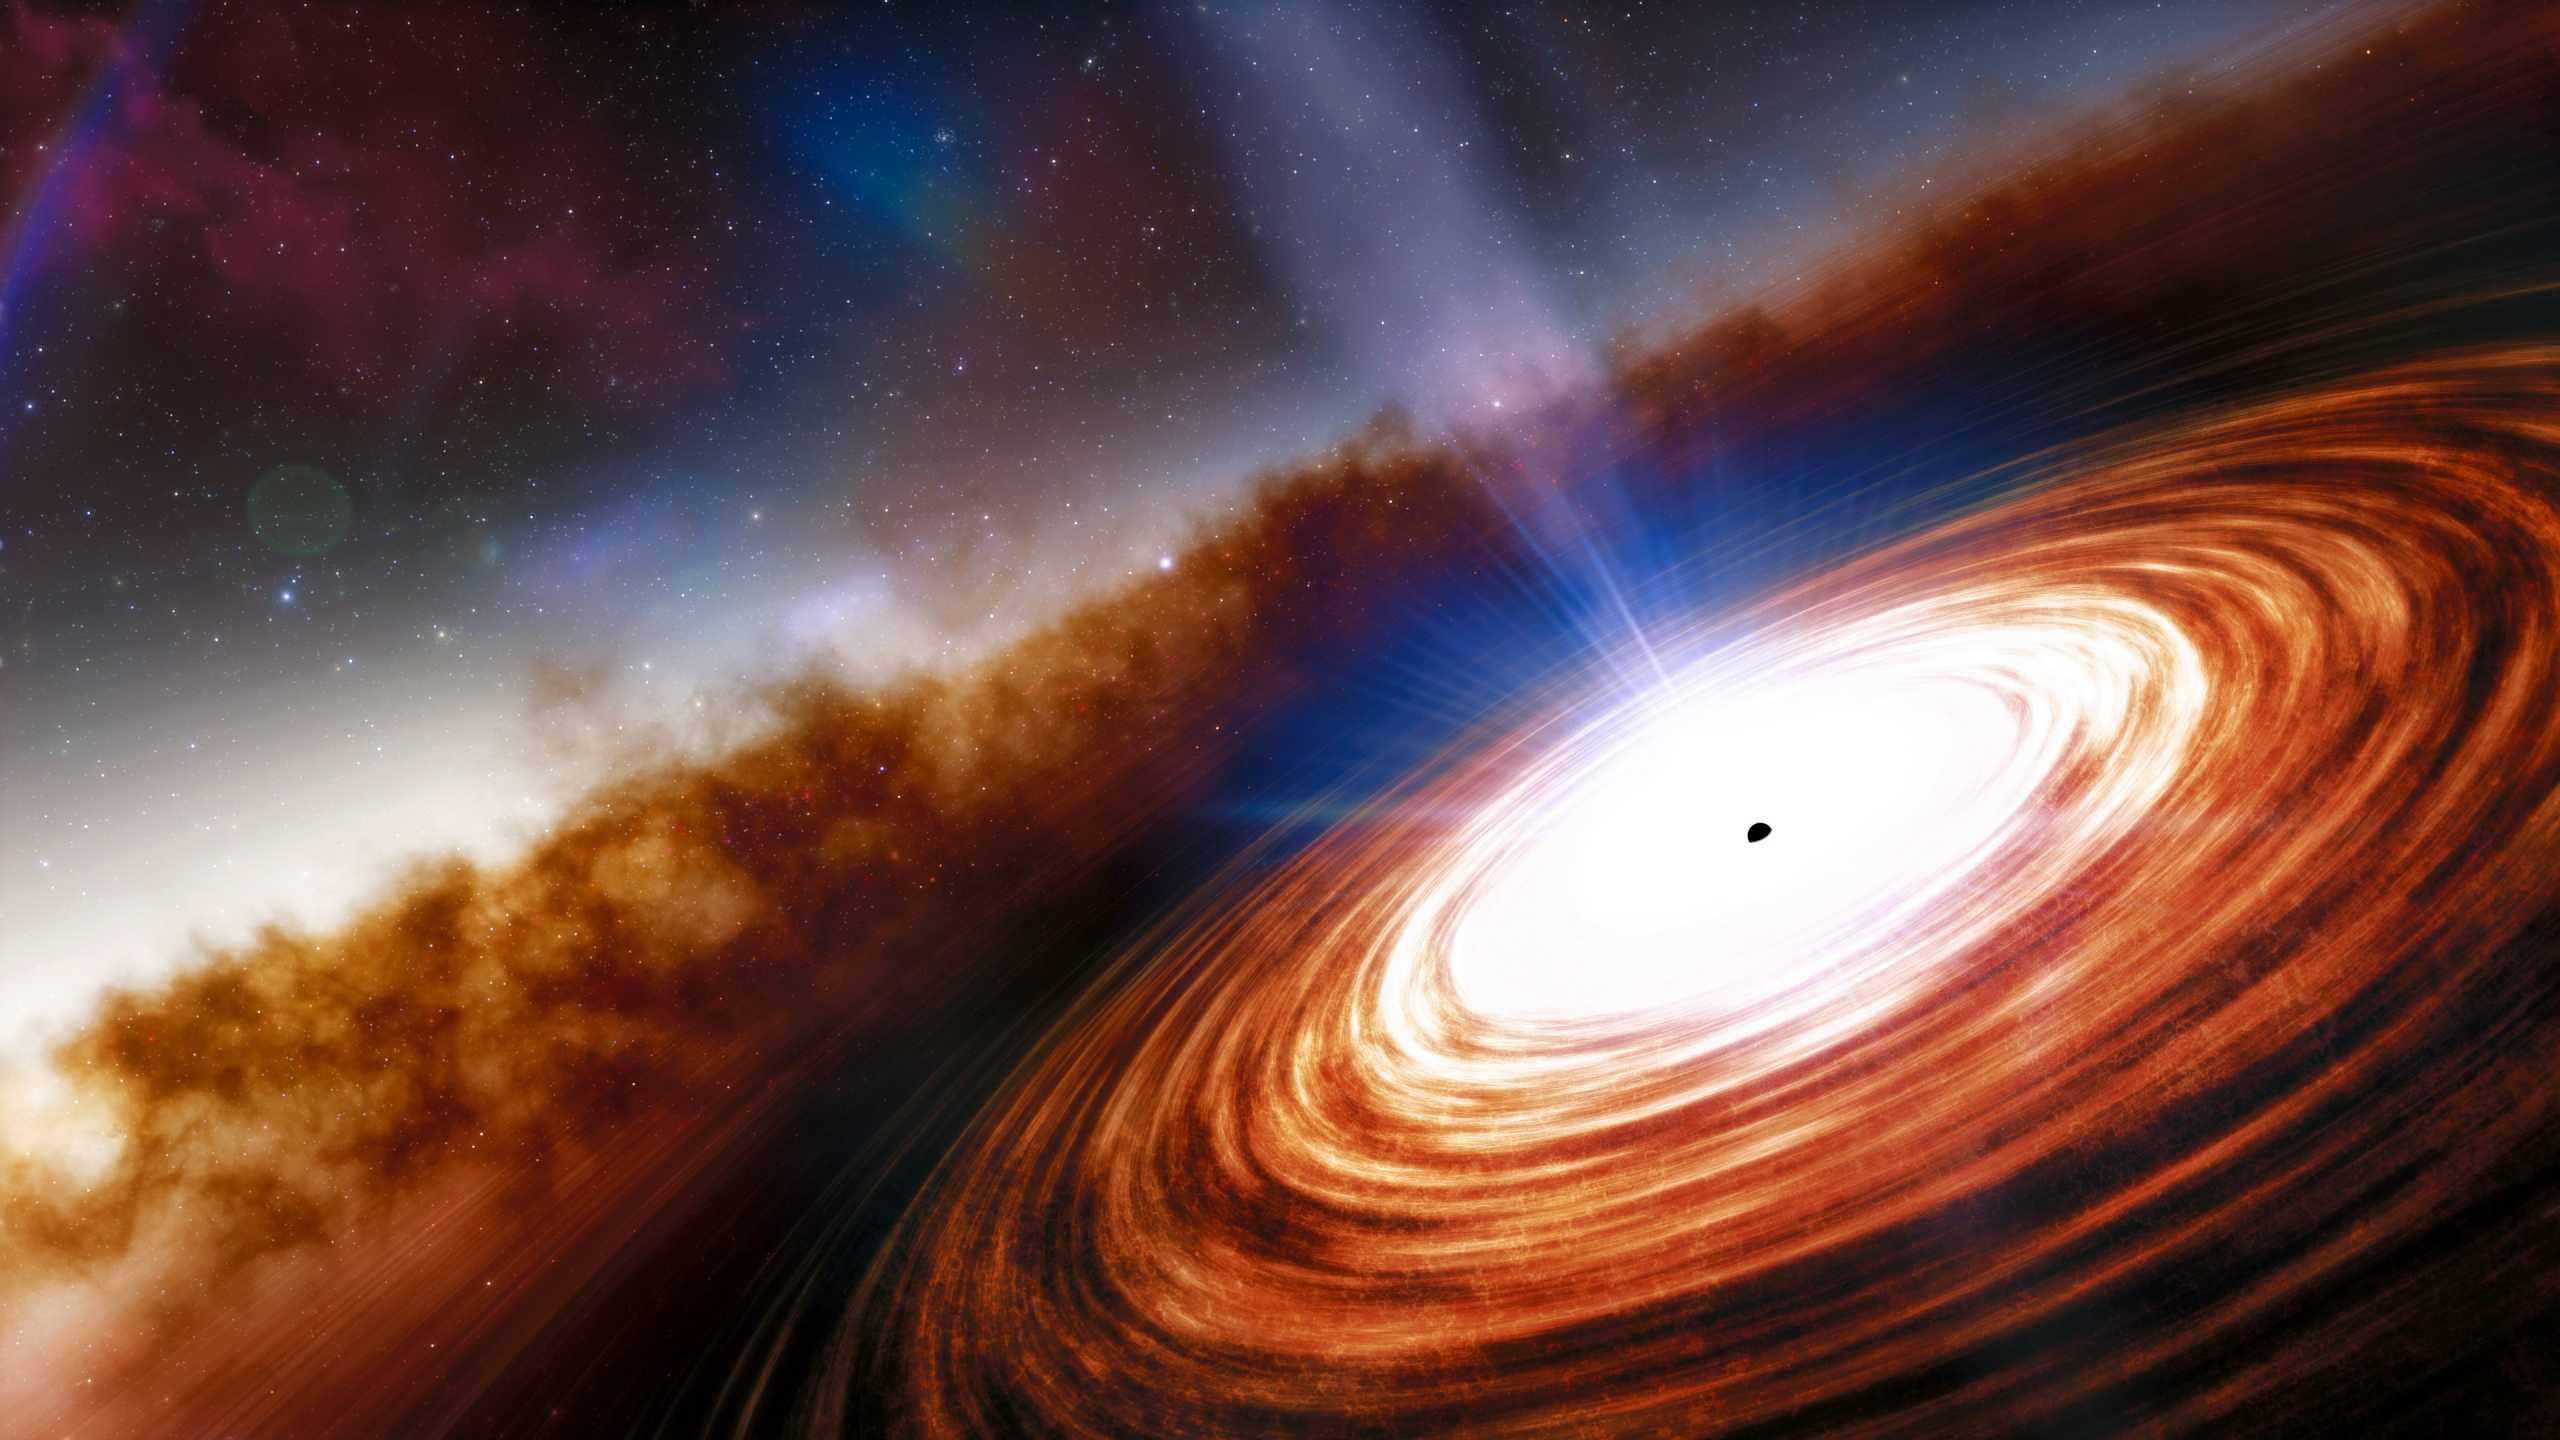 Απόκοσμη εικόνα, σπουδαία ανακάλυψη: Αυτό είναι το πιο μακρινό κβάζαρ στο σύμπαν (pic)